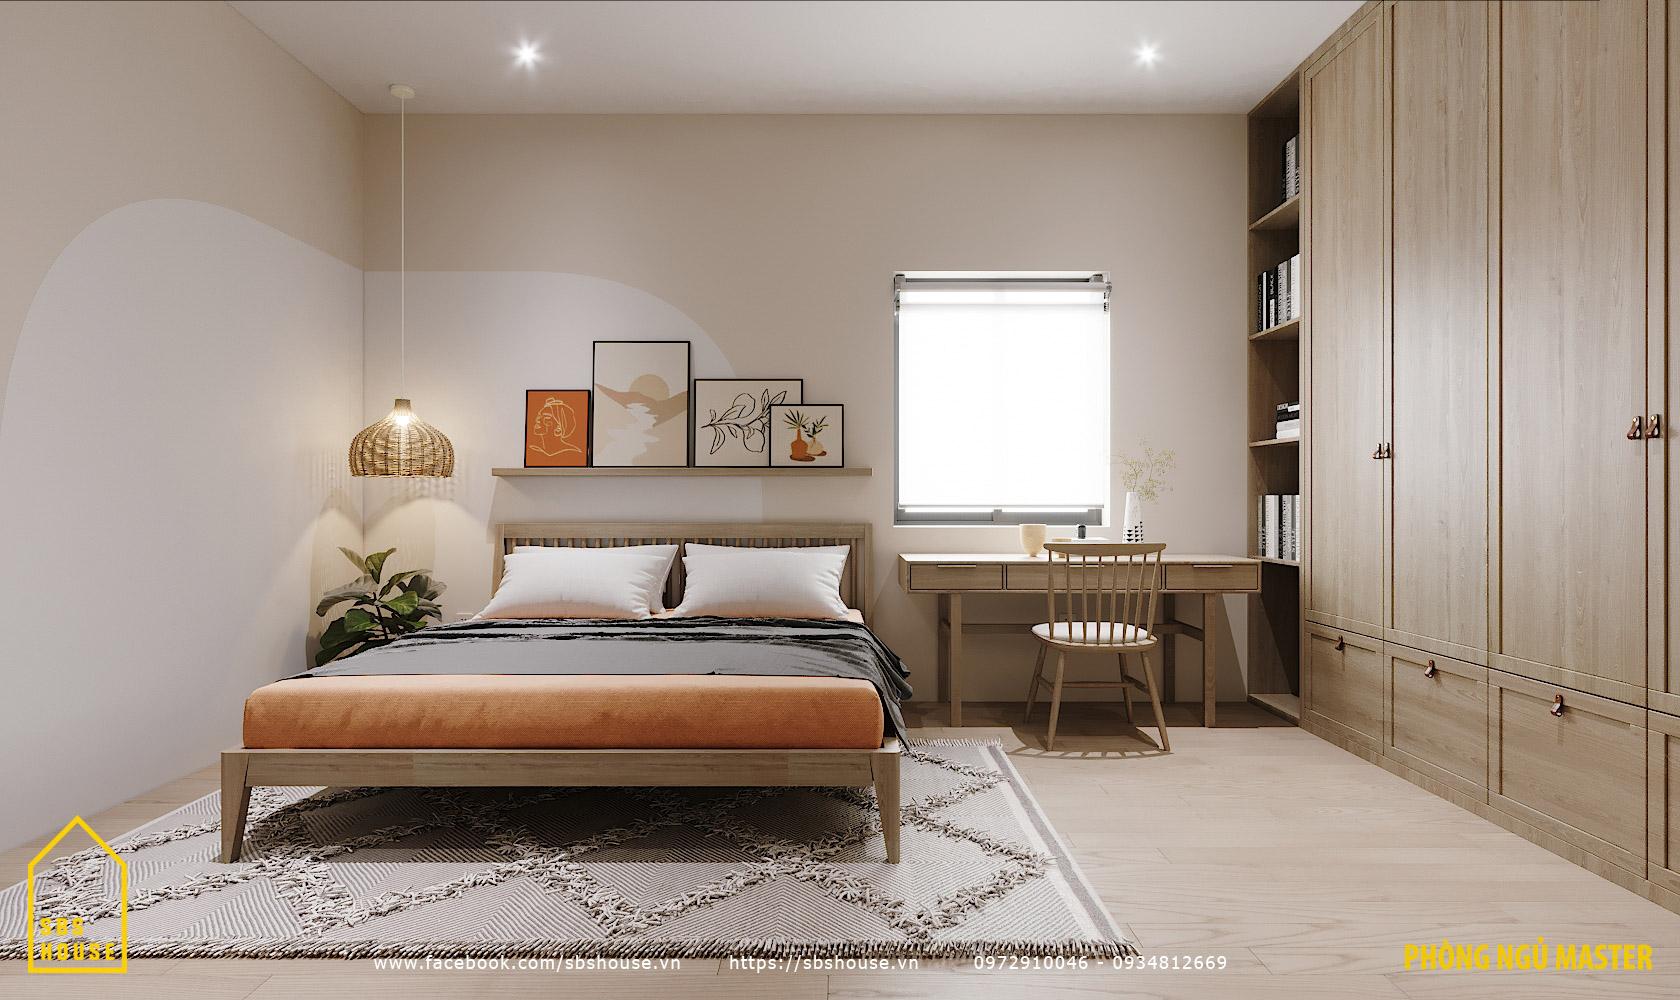 Phòng ngủ đẹp chất liệu chính bằng gỗ